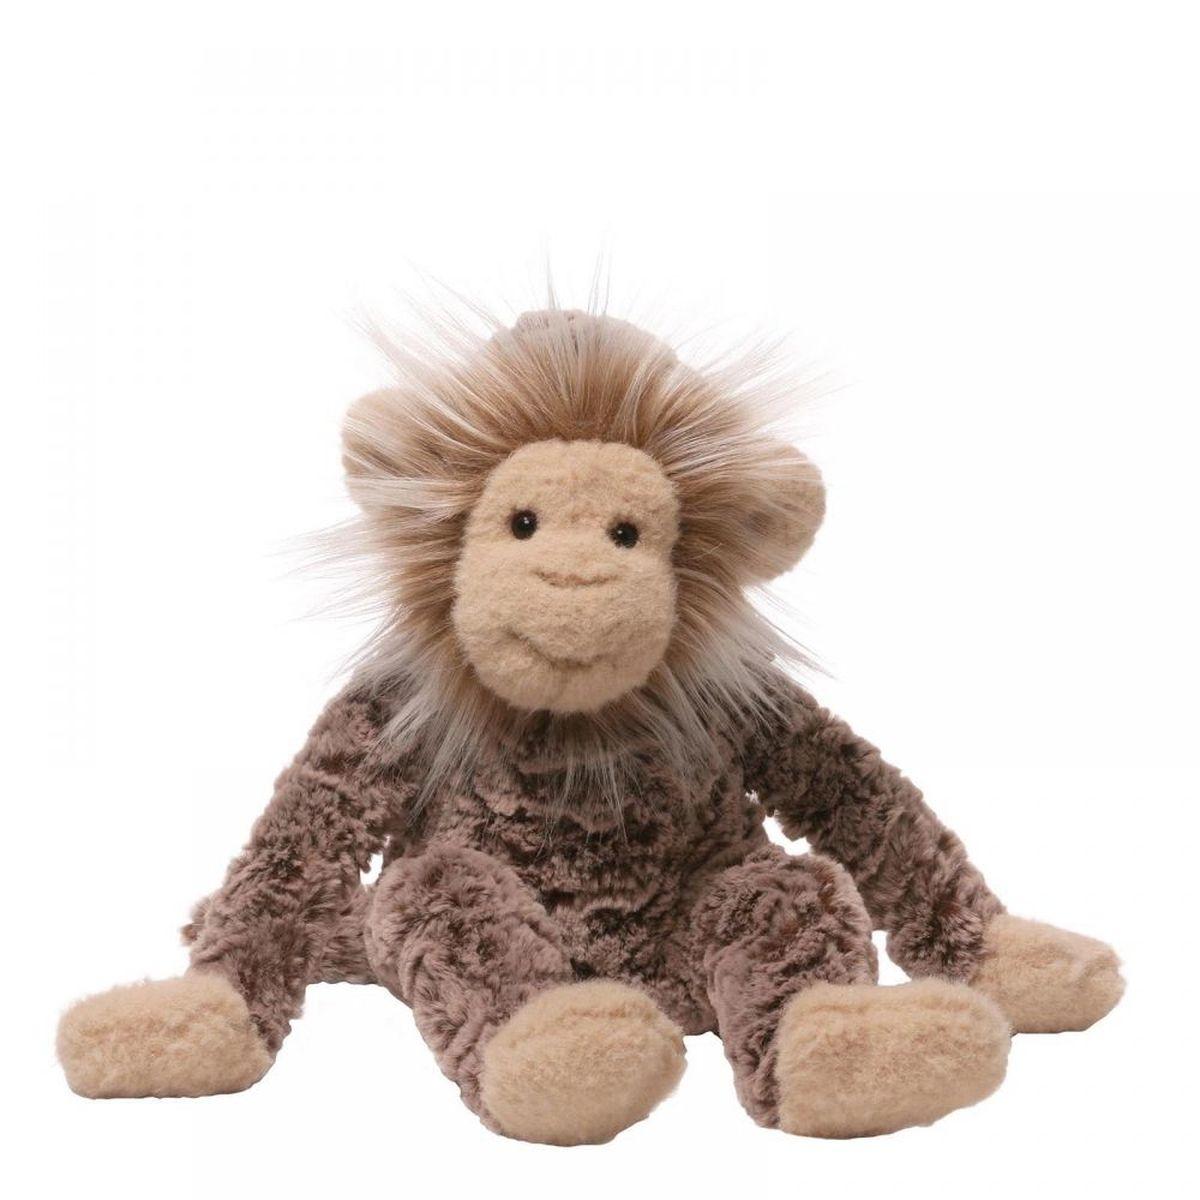 Купить Gund Мягкая игрушка Wrigley Monkey 30, 5 см, Enesco, Мягкие игрушки